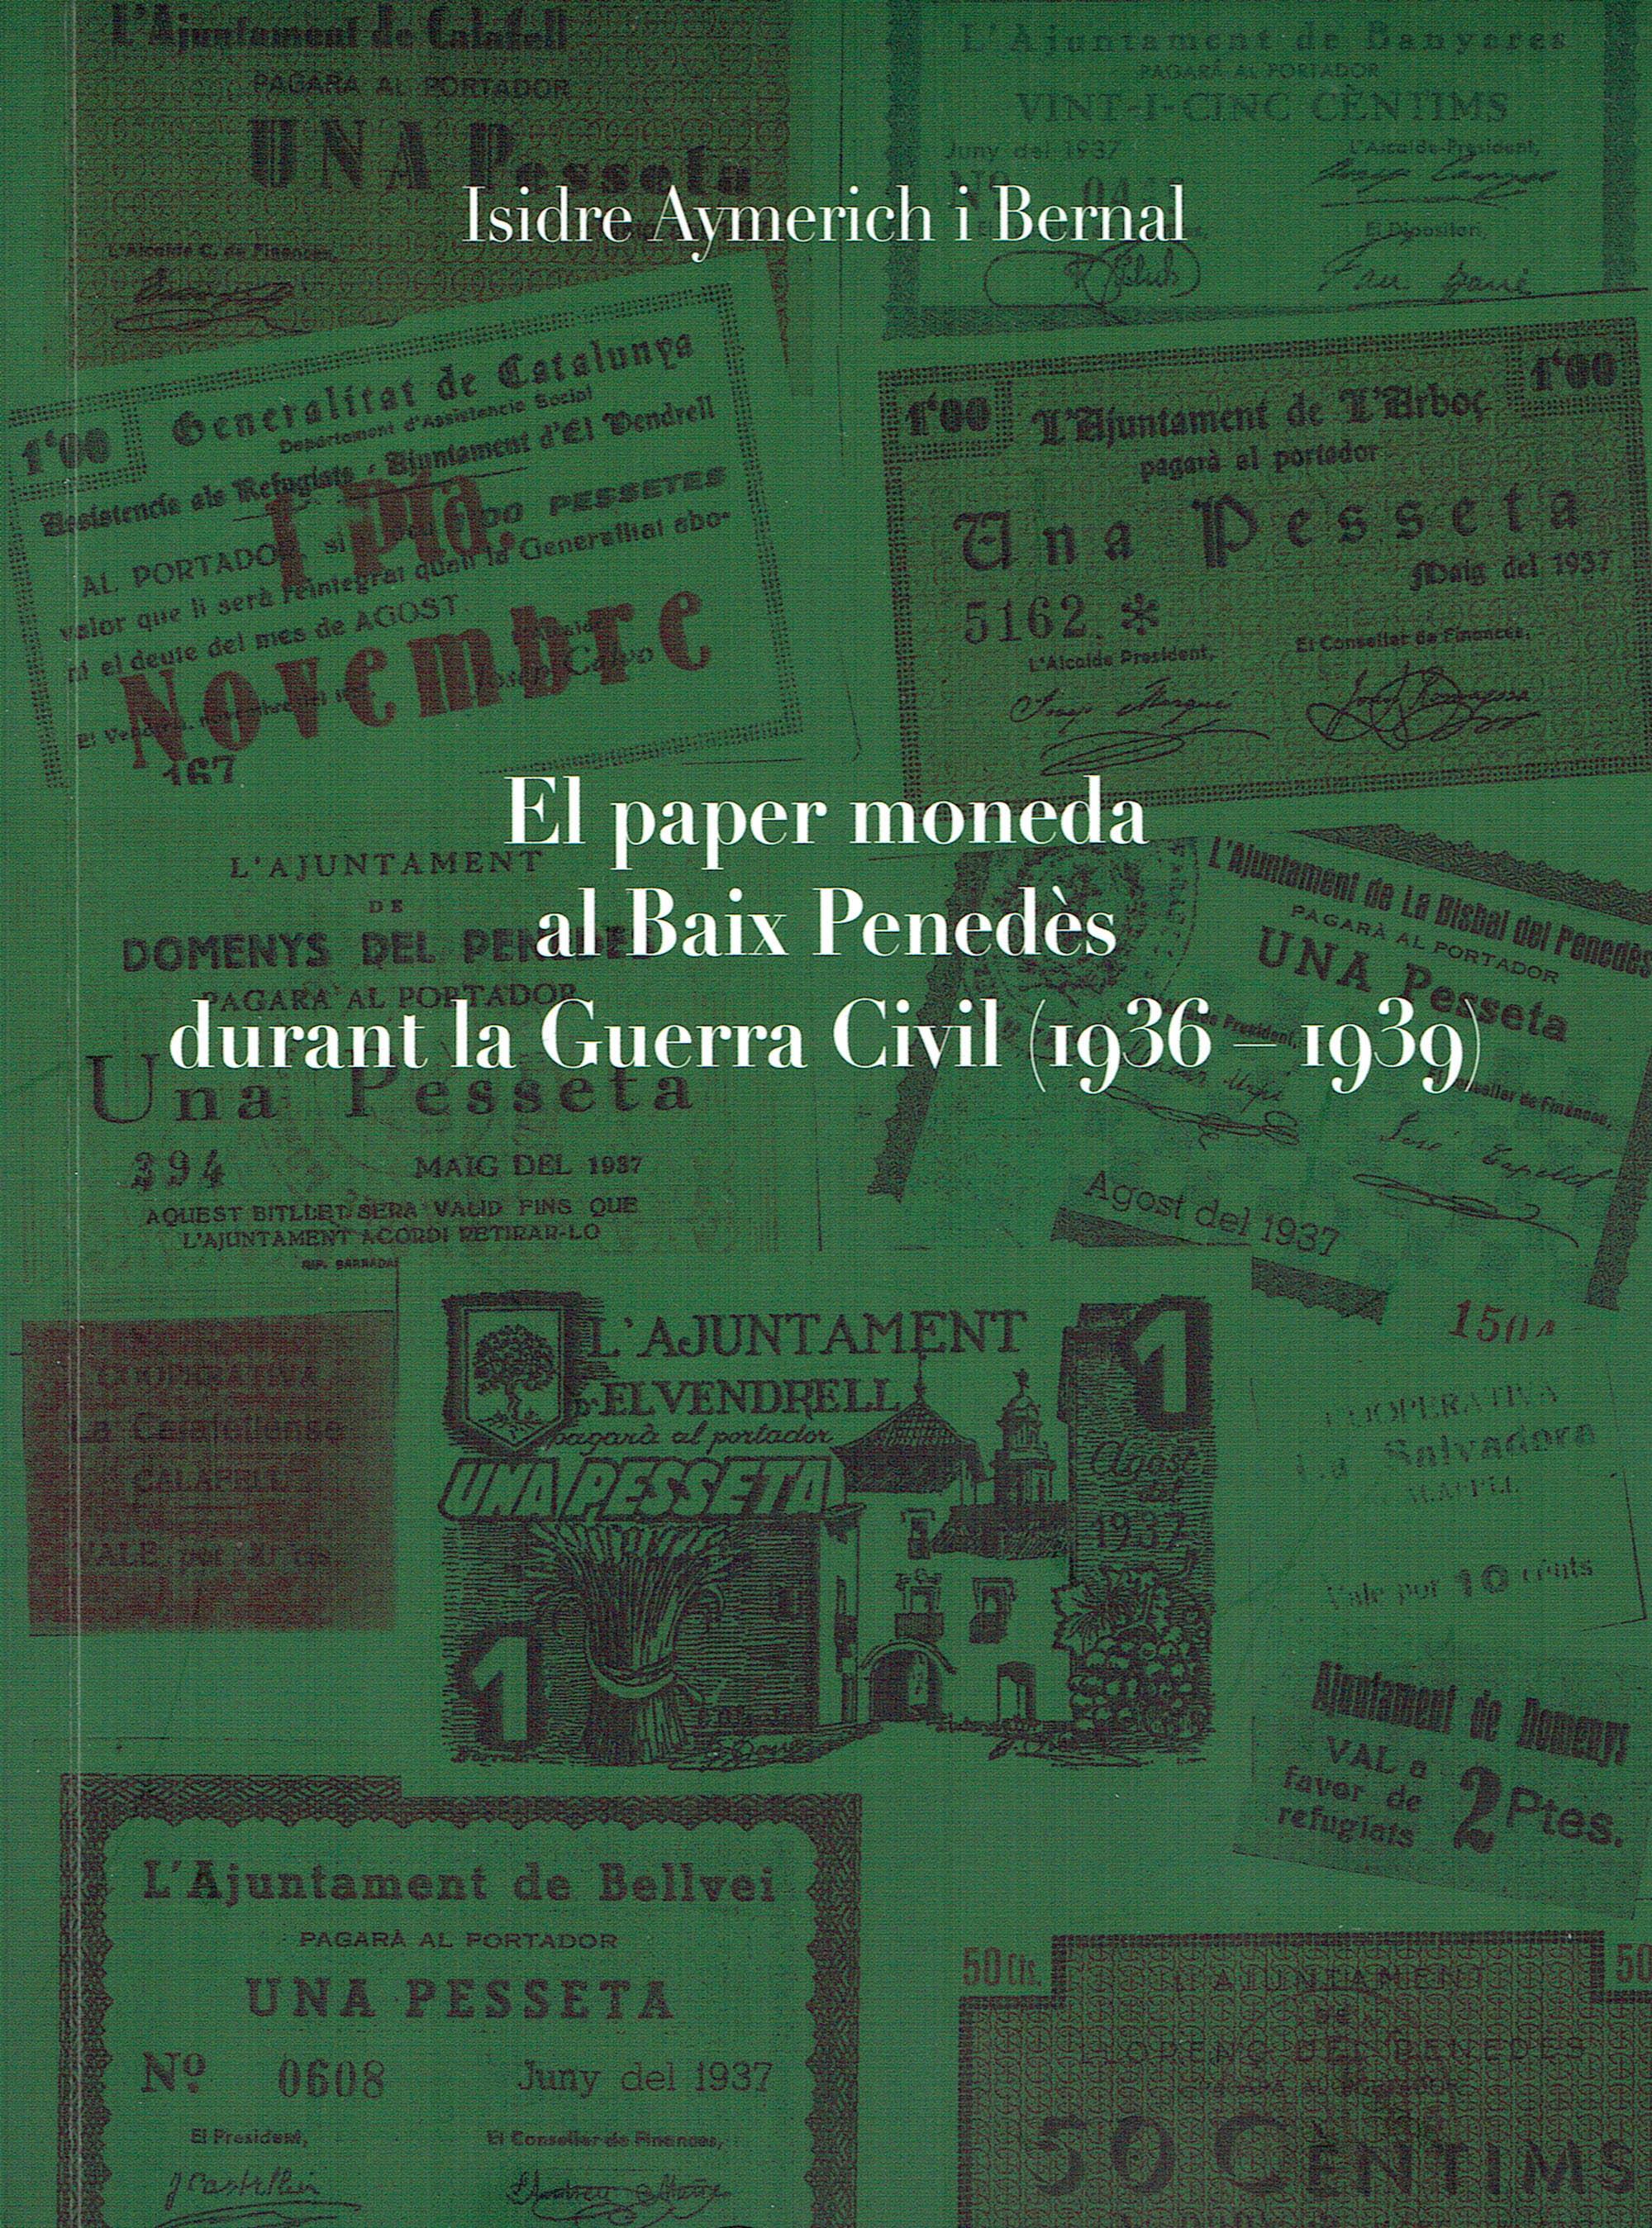 """El dijous 24 de maig a les 20h es presenta el llibre """"El paper moneda al Baix Penedès durant la Guerra Civil (1936-1939)"""" al CMC"""